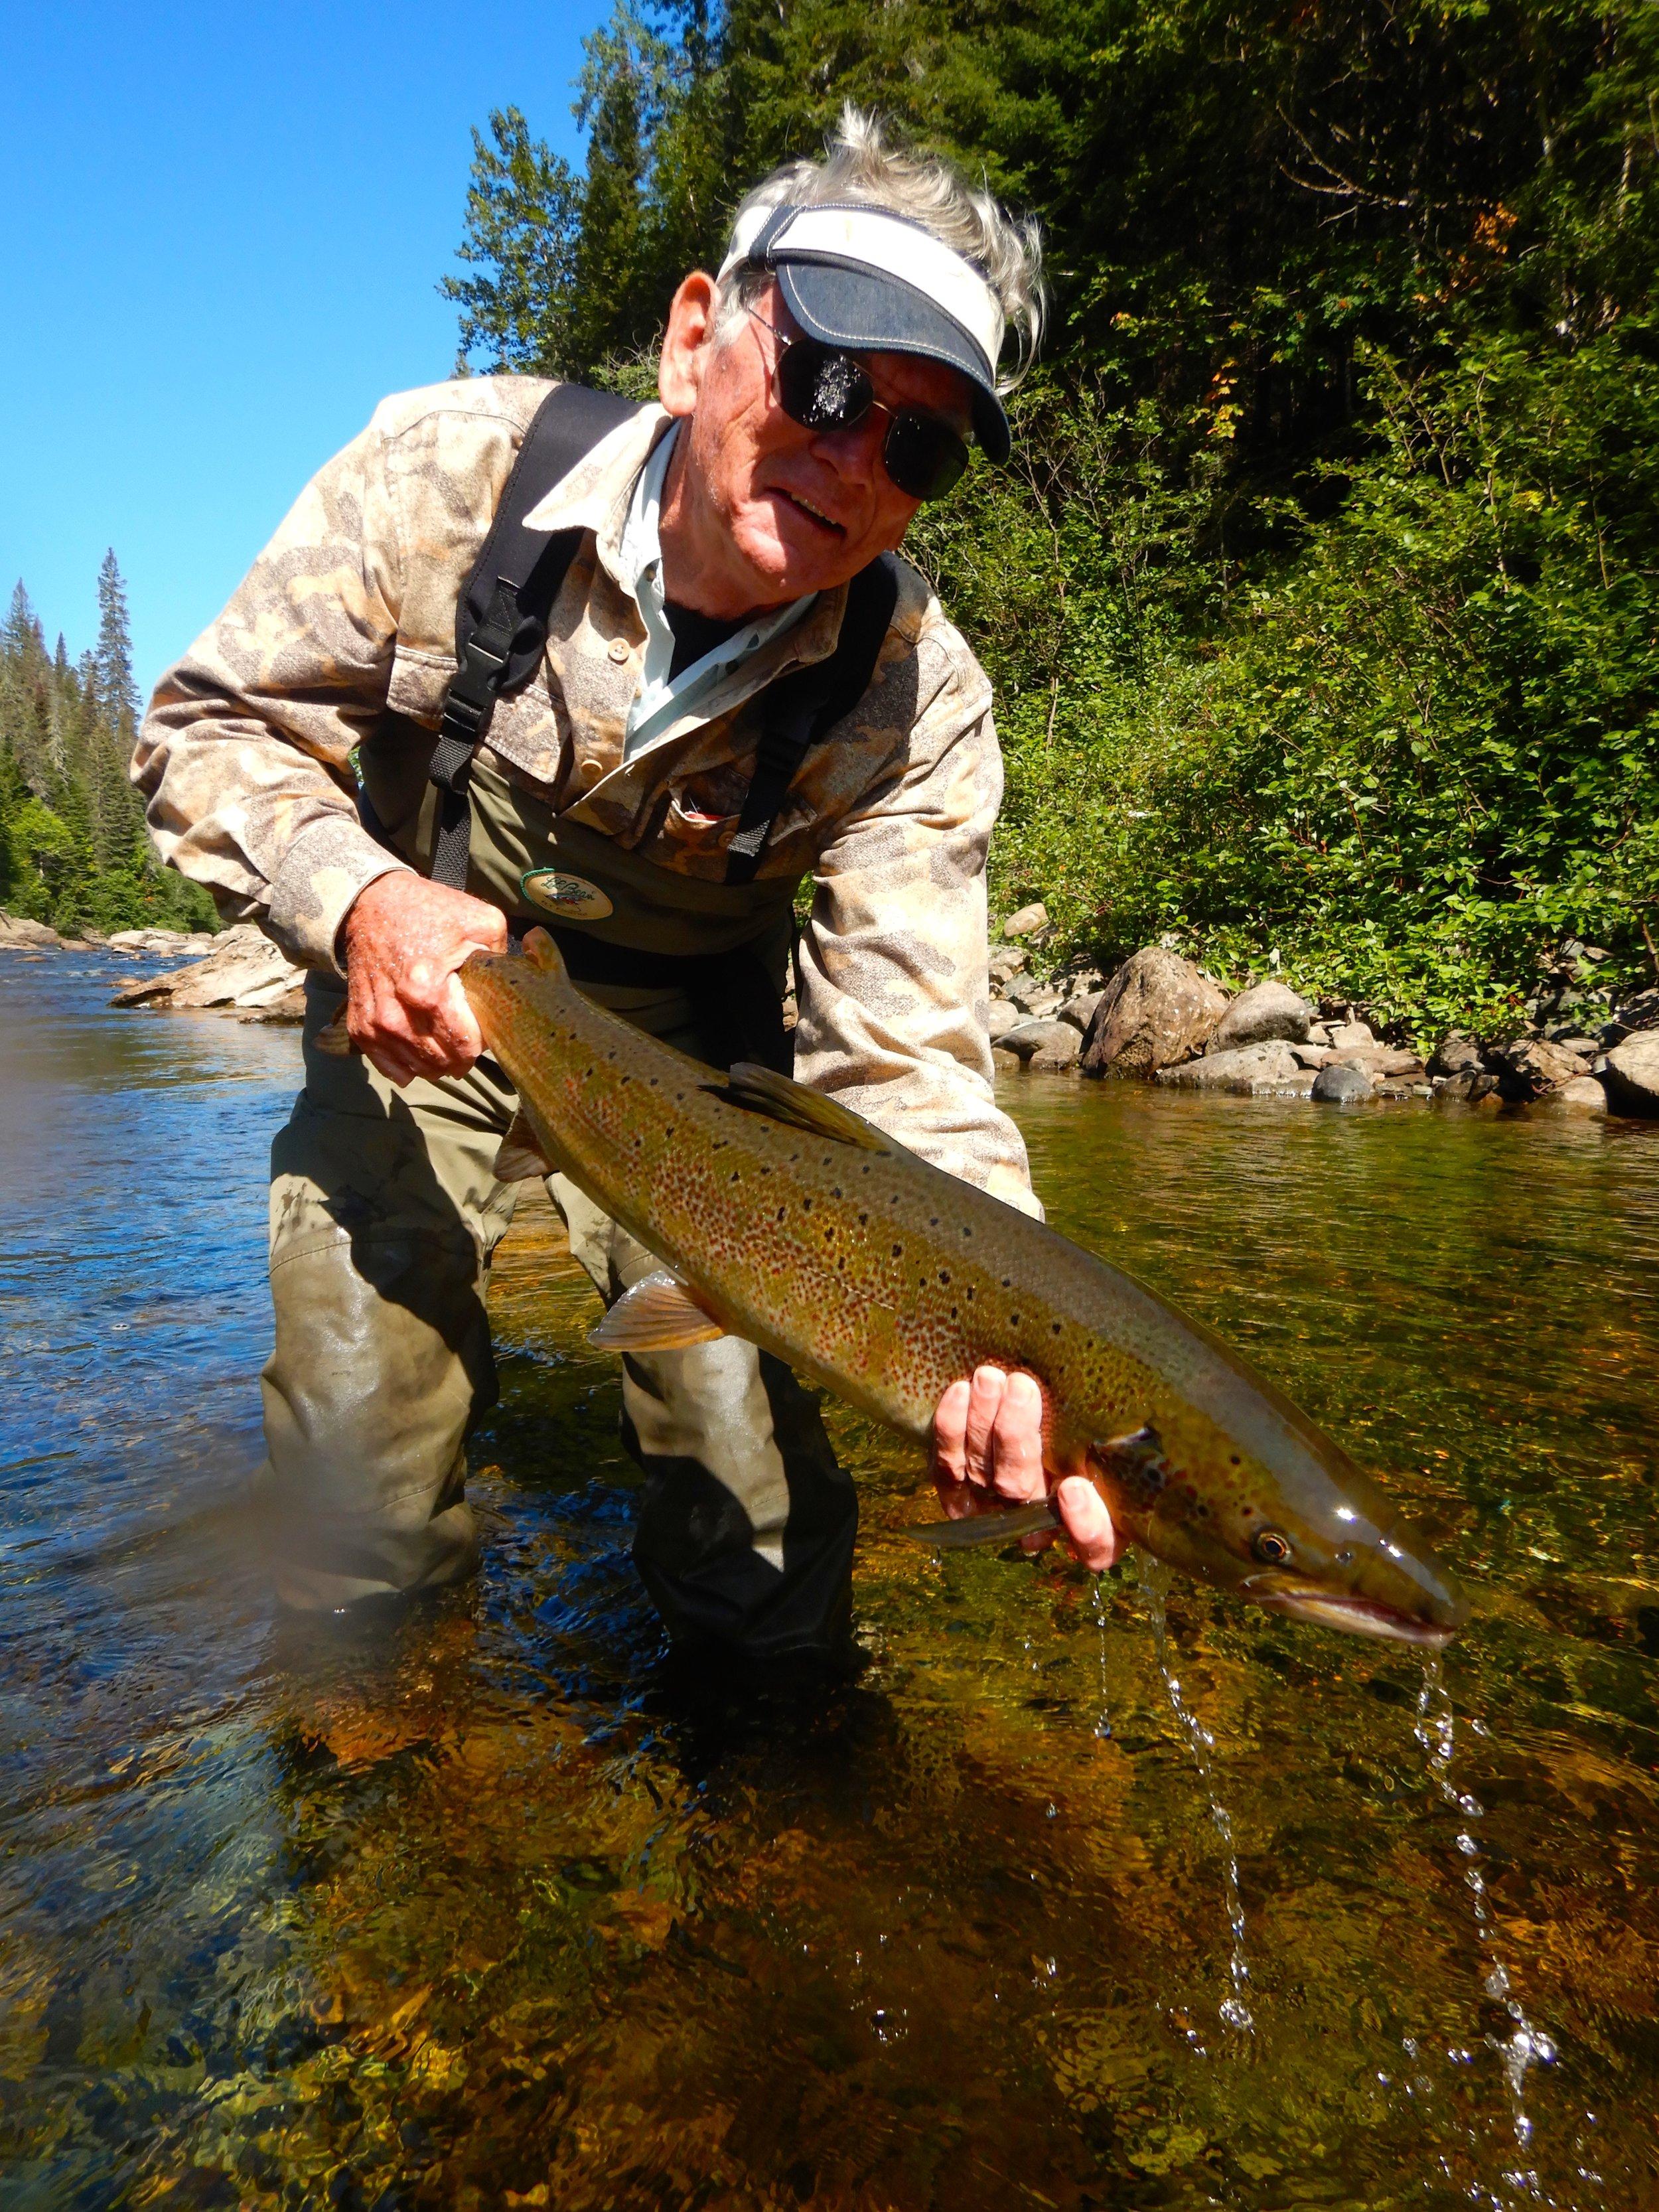 Pete Moynihan, qui en était à sa première visite à Salmon Lodge, remet à l'eau ce superbe spécimen capturé dans la Cascapédia.